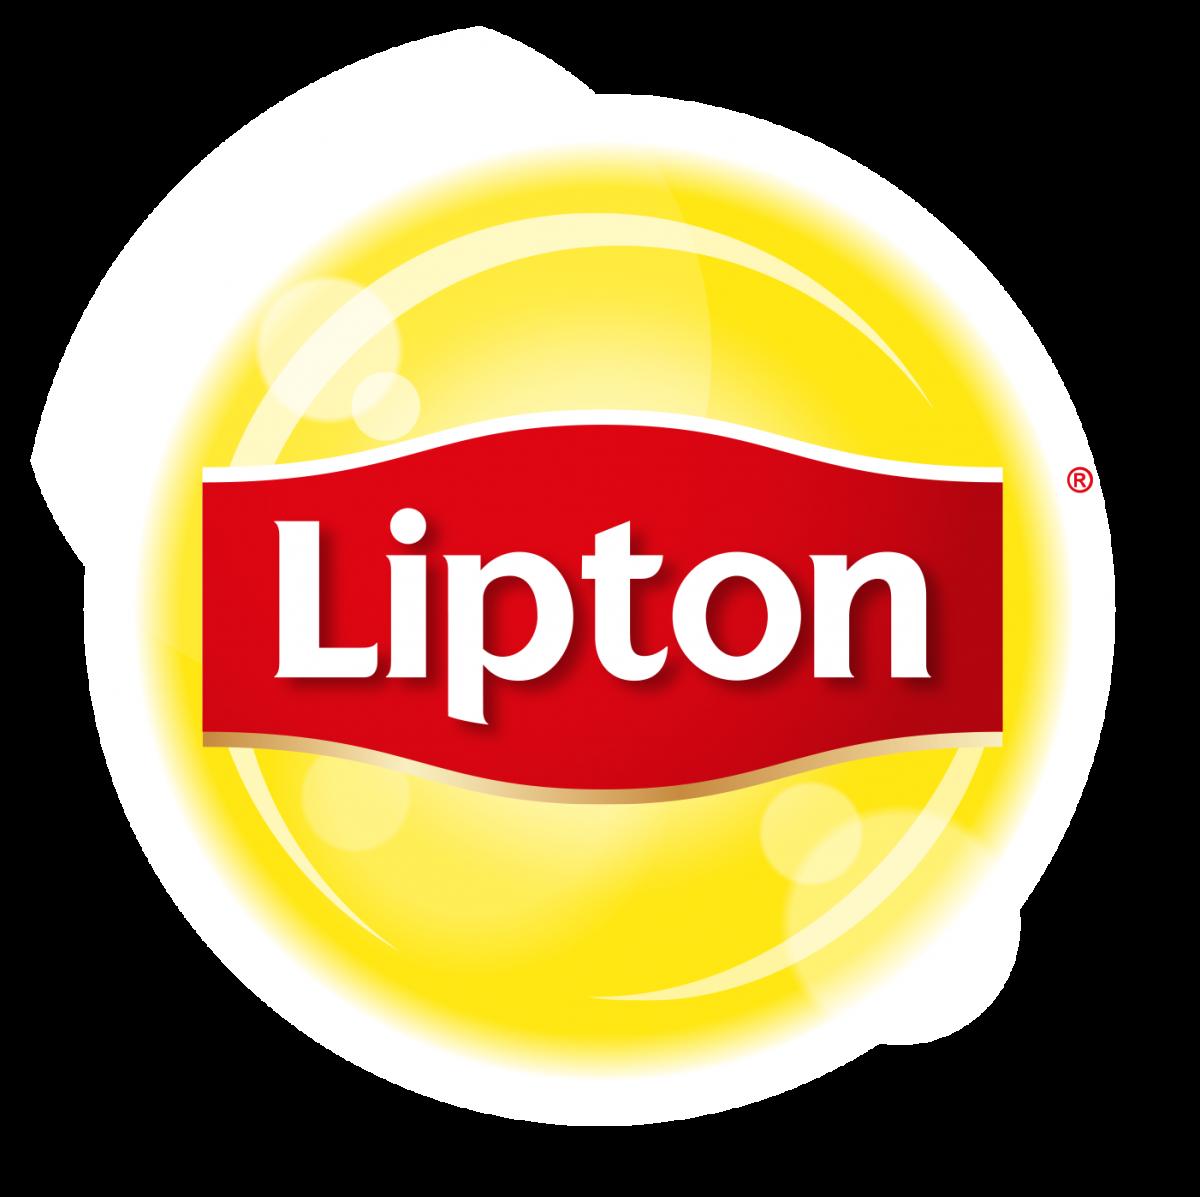 logo_lipton.png